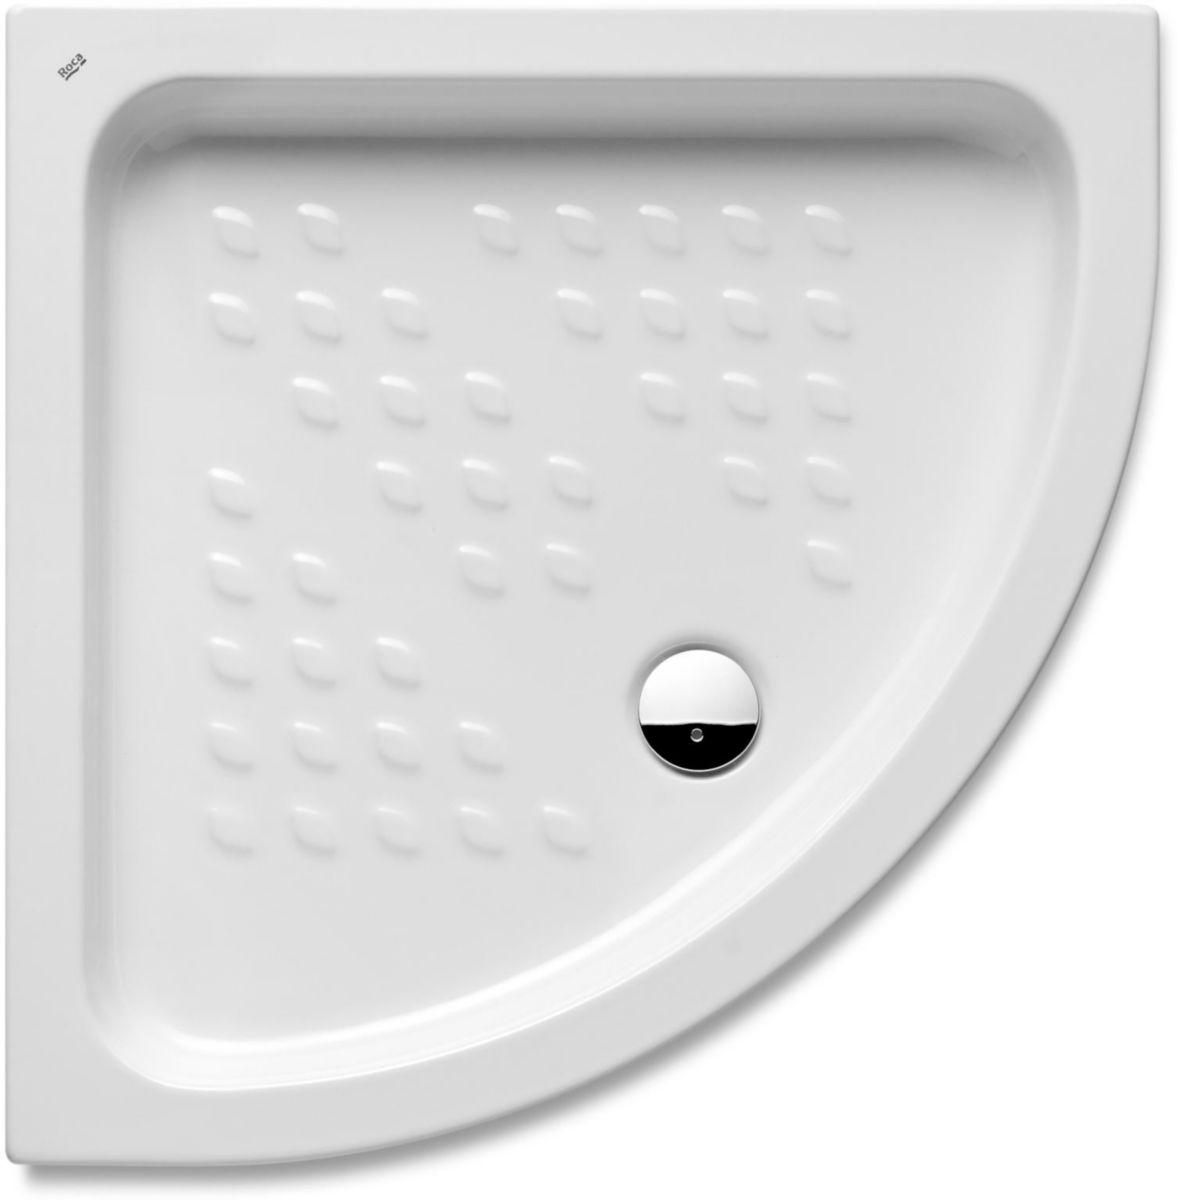 receveur de douche poser c ramique italia angle 750 x 750 mm blanc r f a3740hn000 roca. Black Bedroom Furniture Sets. Home Design Ideas